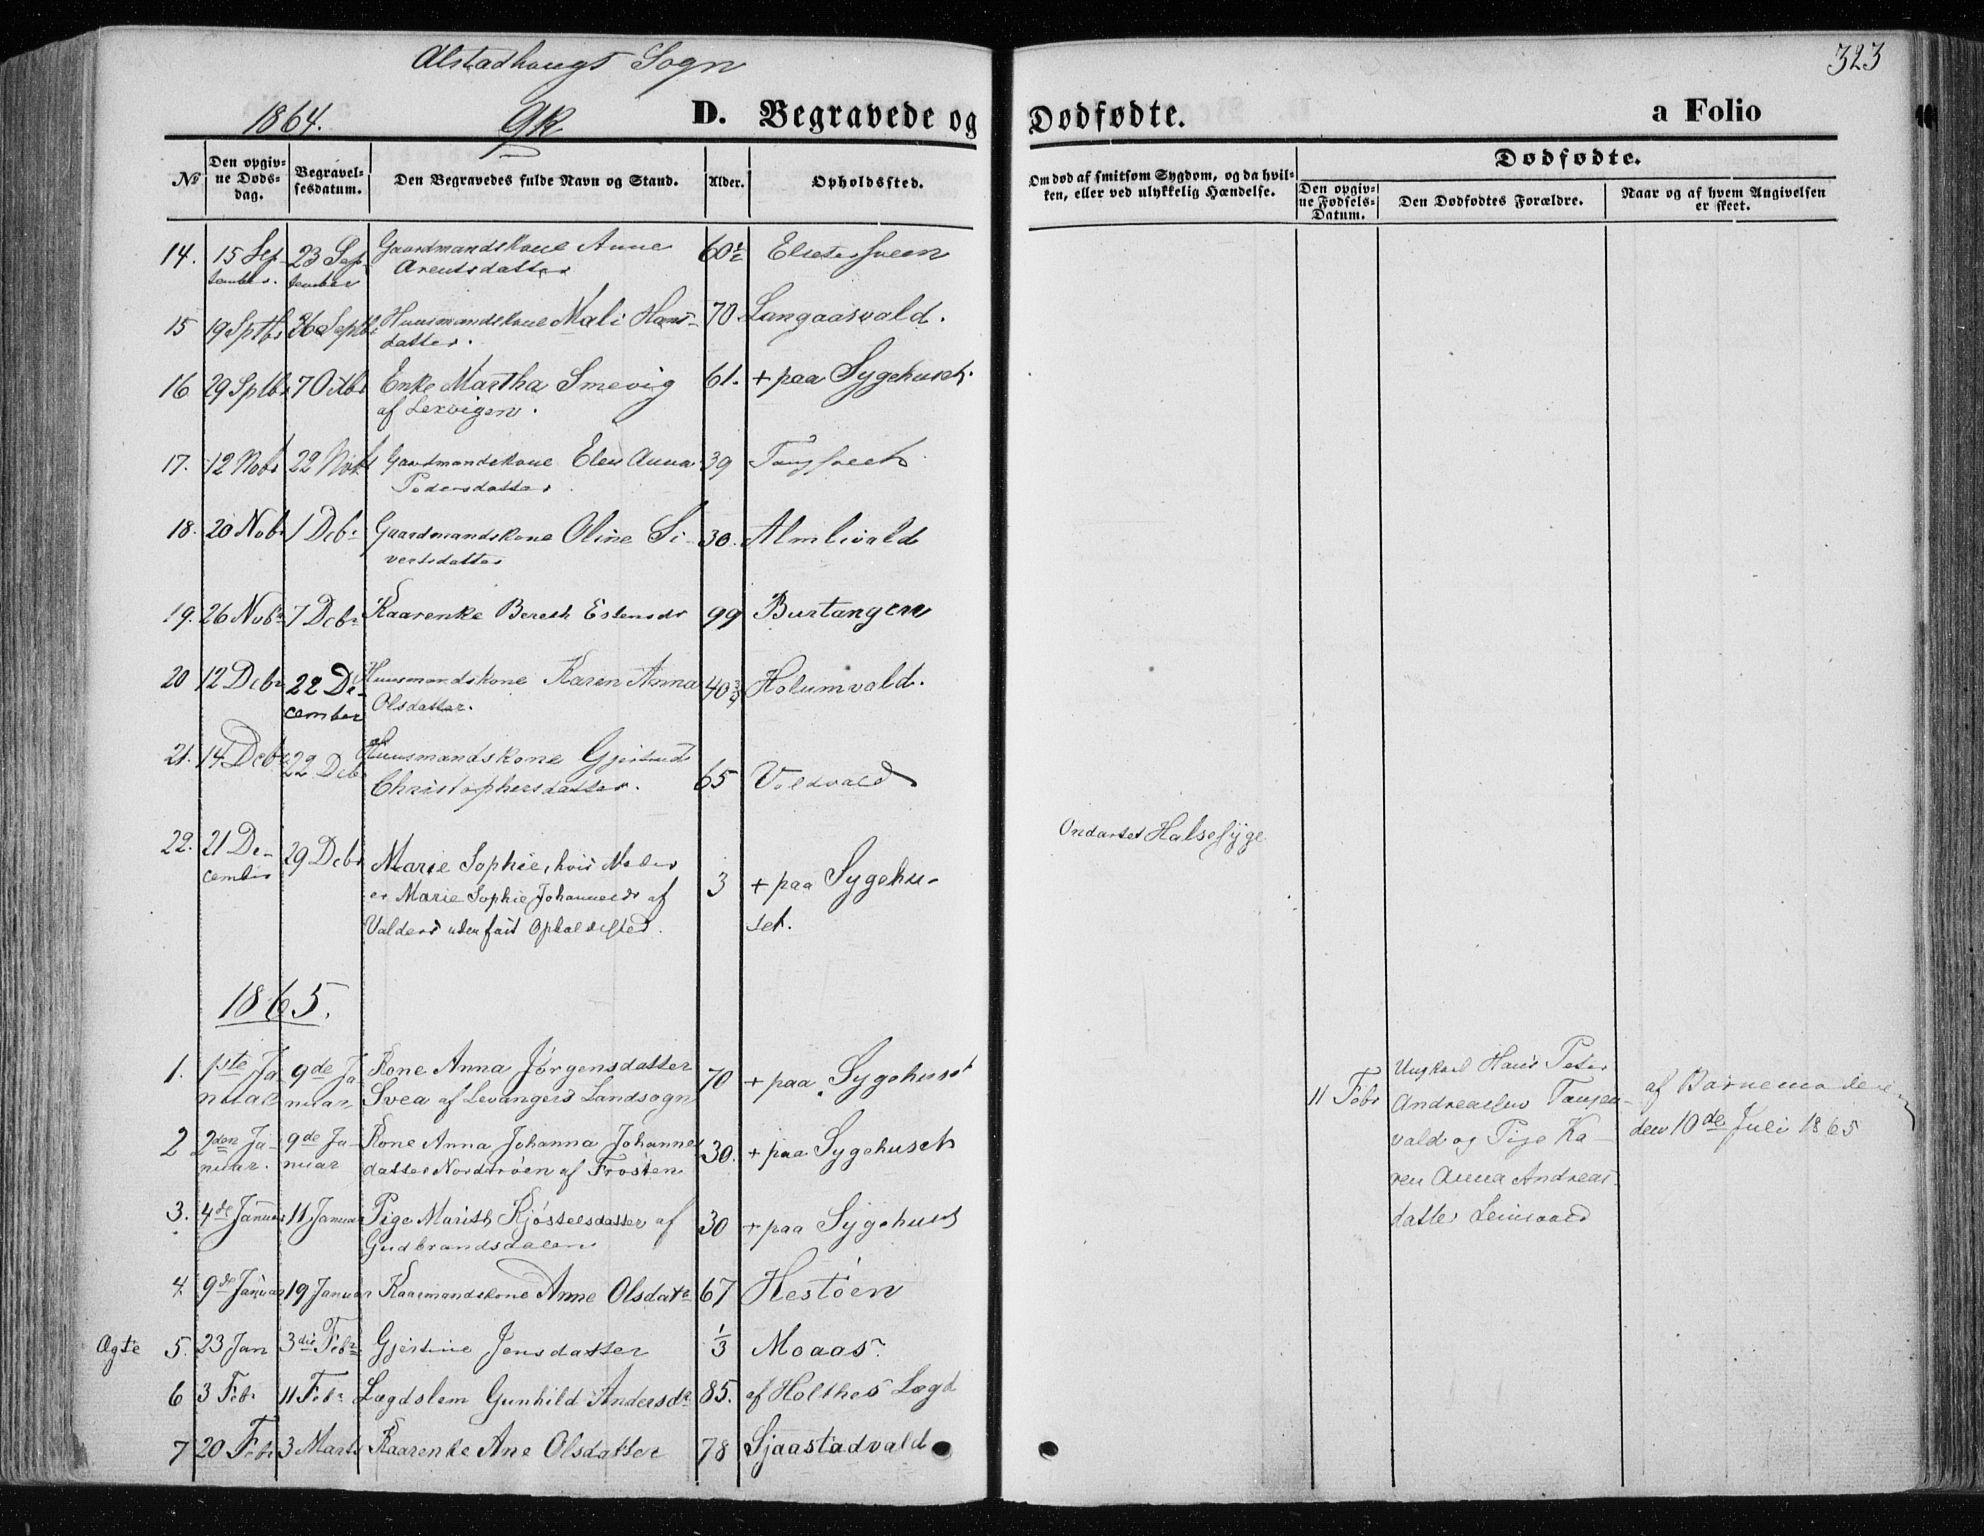 SAT, Ministerialprotokoller, klokkerbøker og fødselsregistre - Nord-Trøndelag, 717/L0157: Ministerialbok nr. 717A08 /1, 1863-1877, s. 323